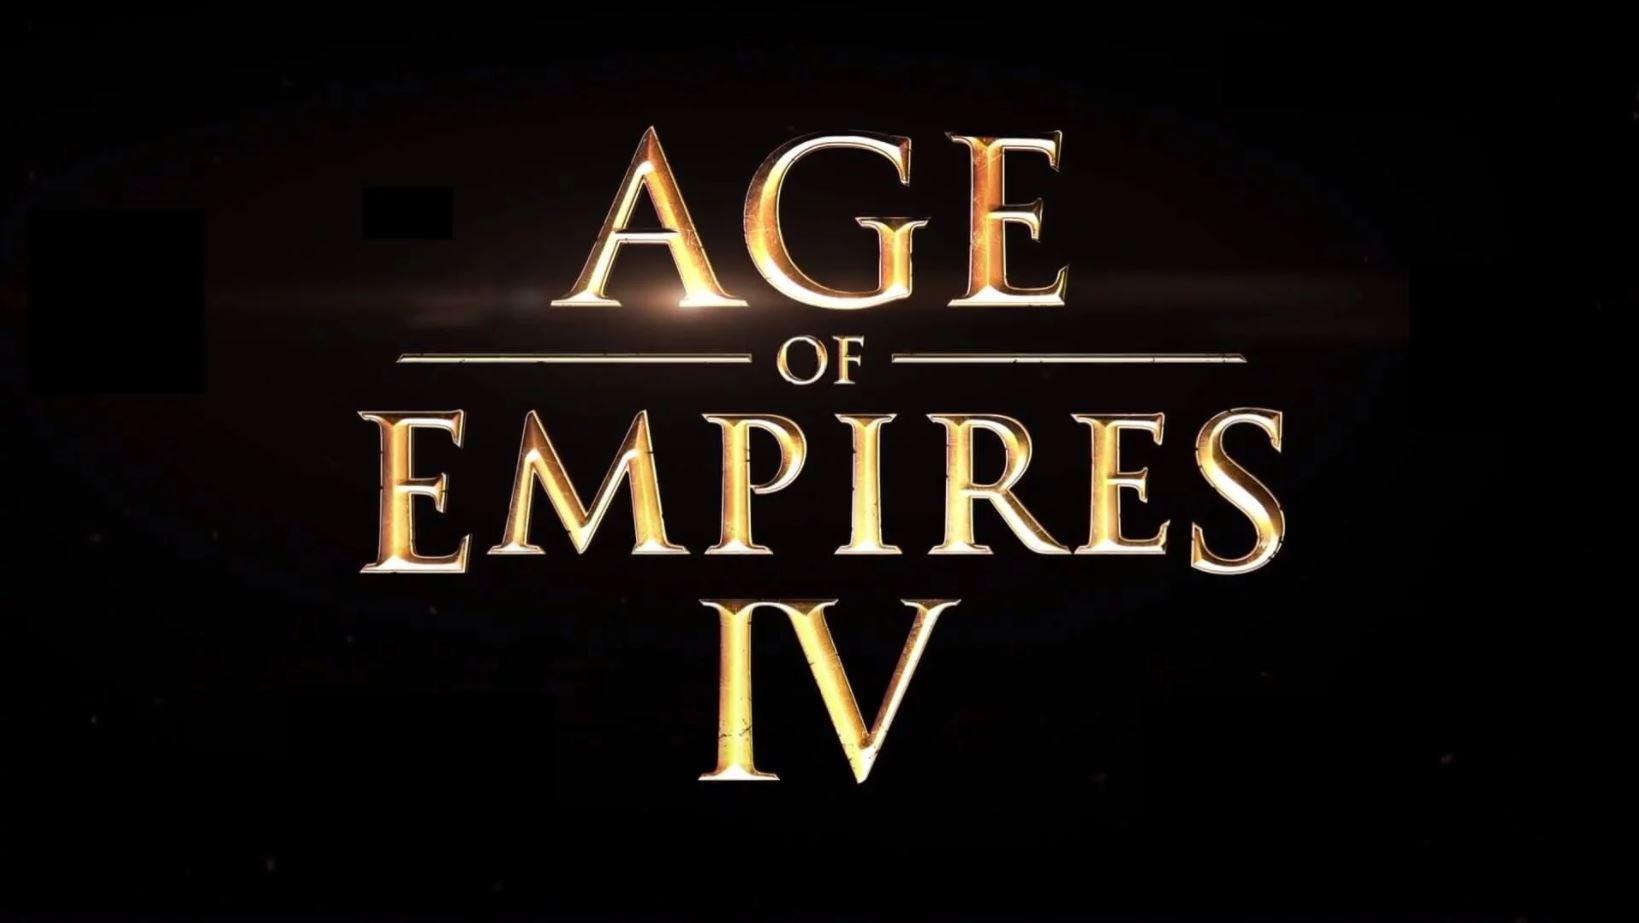 مایکروسافت در گیمزکام 2017 از بازی Age of Empires IV  پرده برداشت (حاوی تریلر)